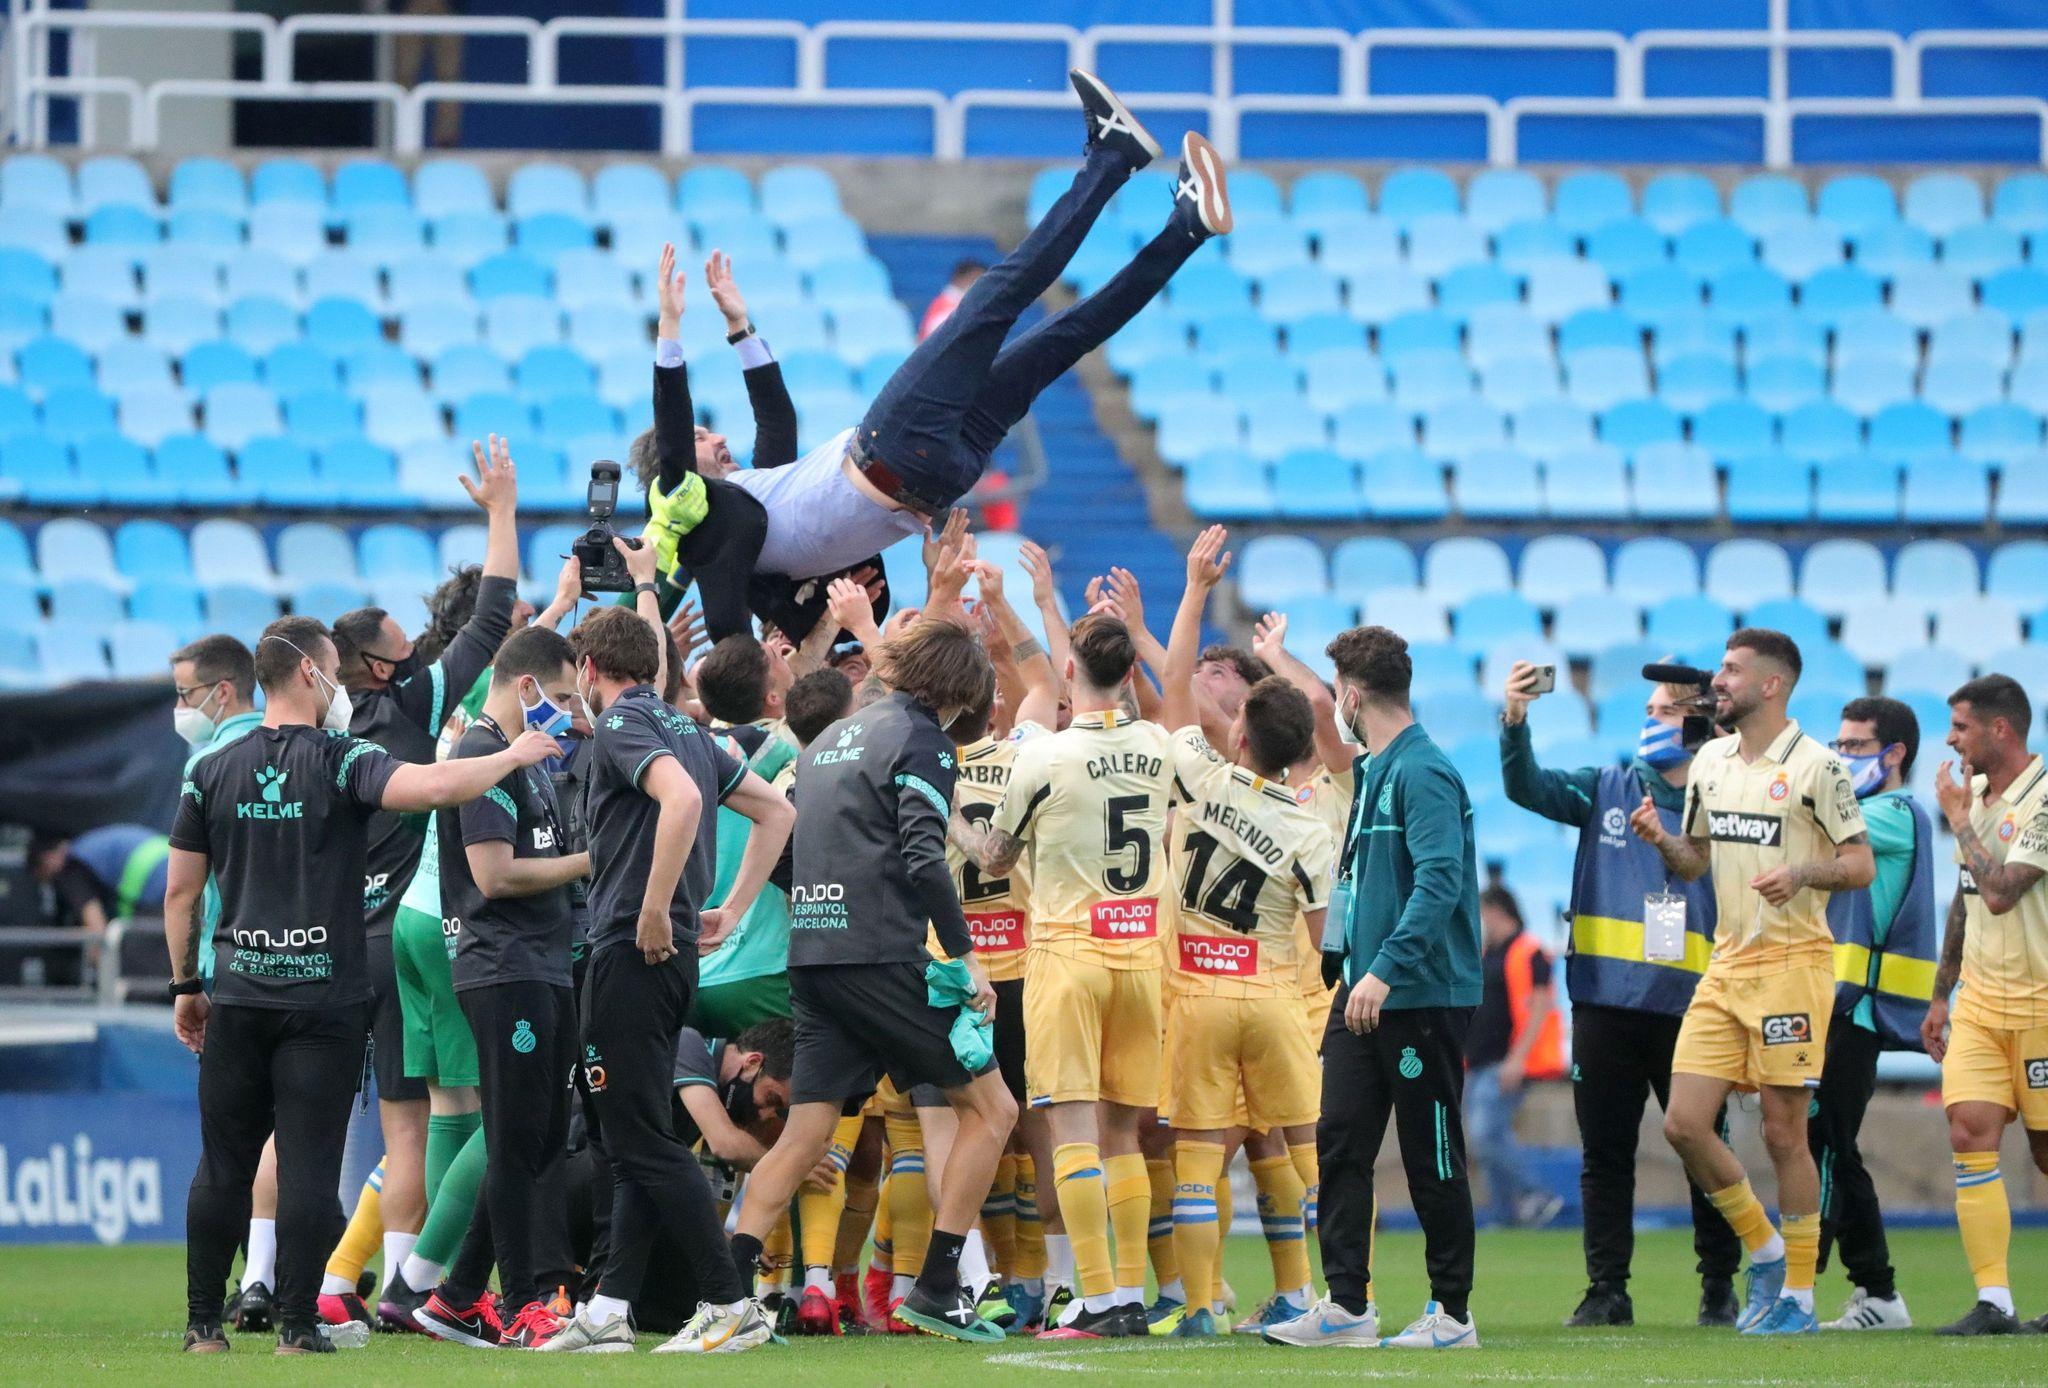 El Espanyol regresa a la Liga Santander por la puerta grande un año después de su descenso.